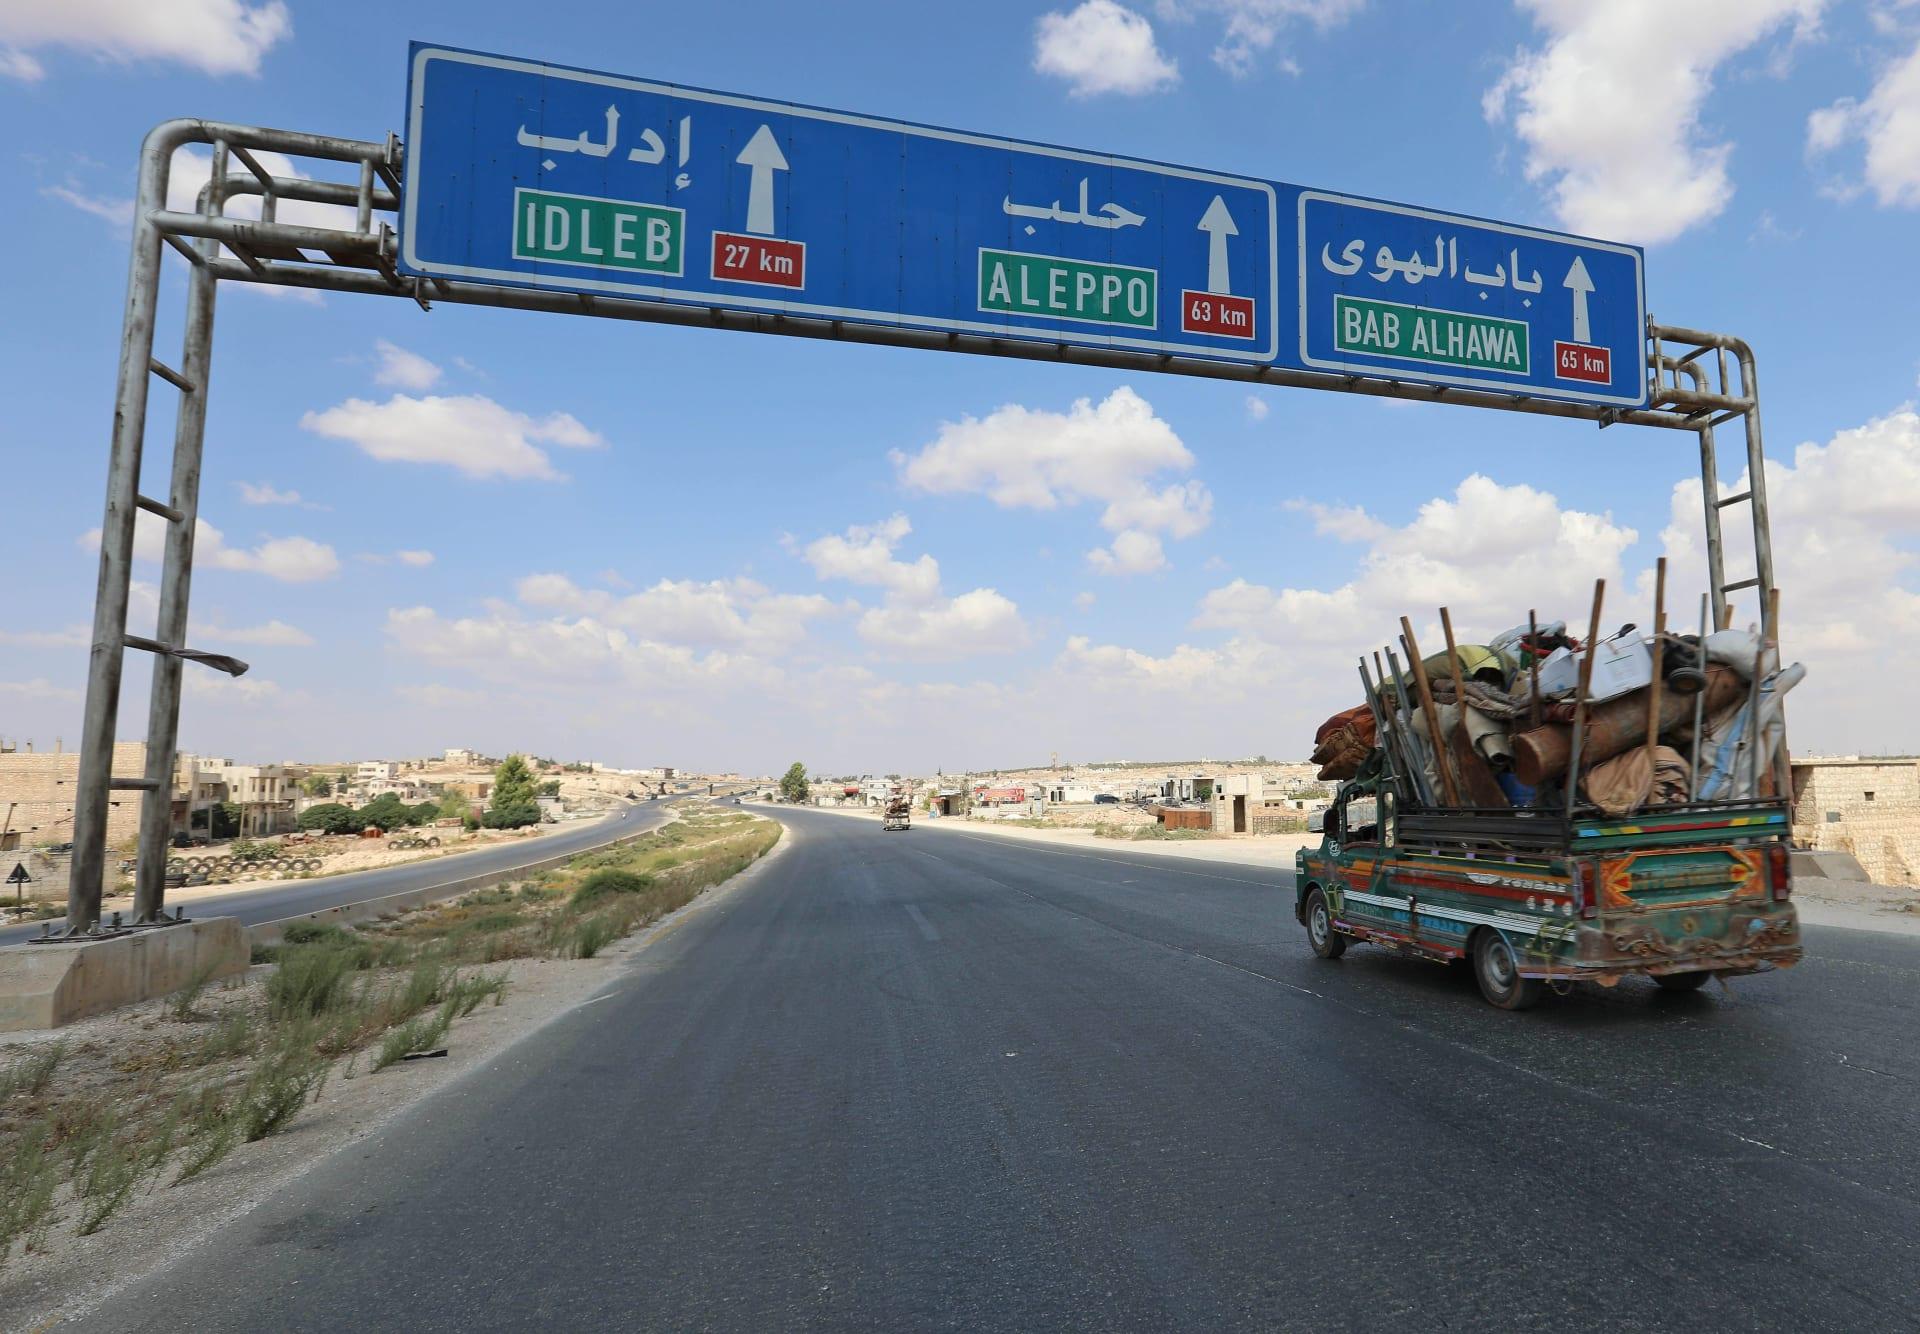 وزير تركي: إدلب تمر بمرحلة حساسة وعلى كافة الأطراف التحلي بالعقلانية